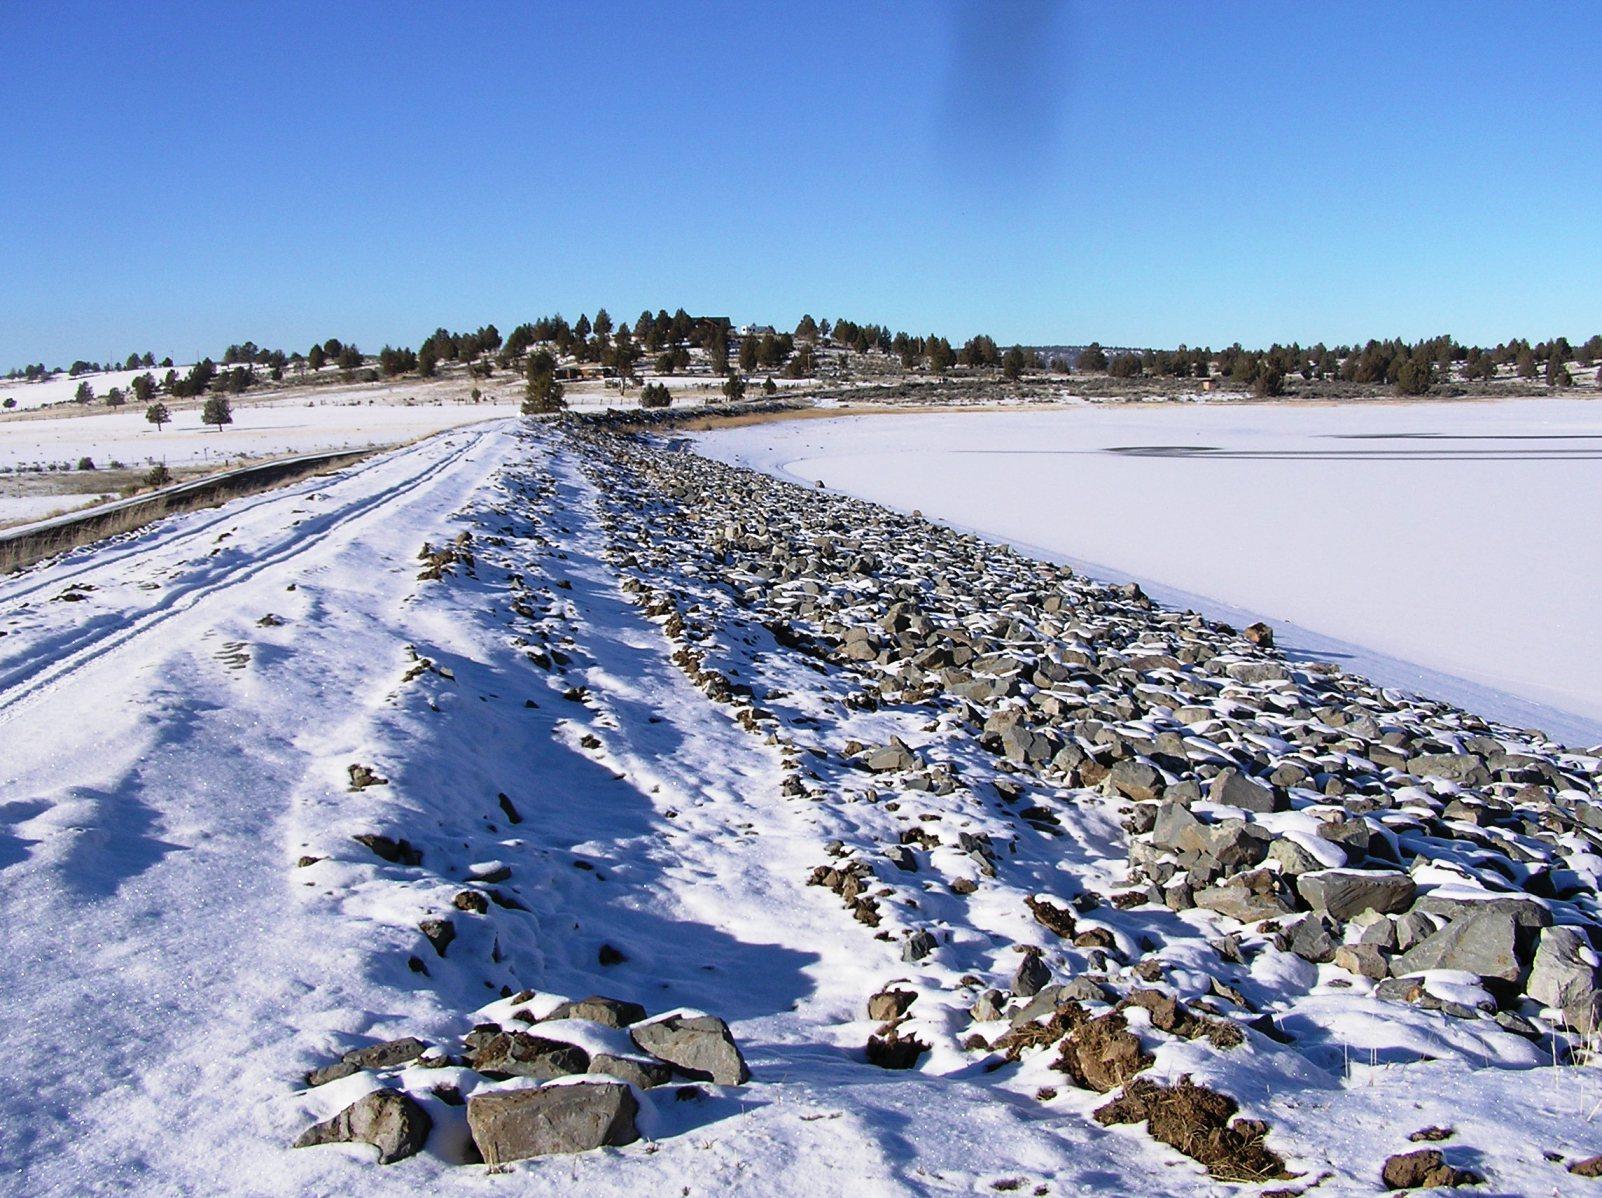 Dorris Dam riprap